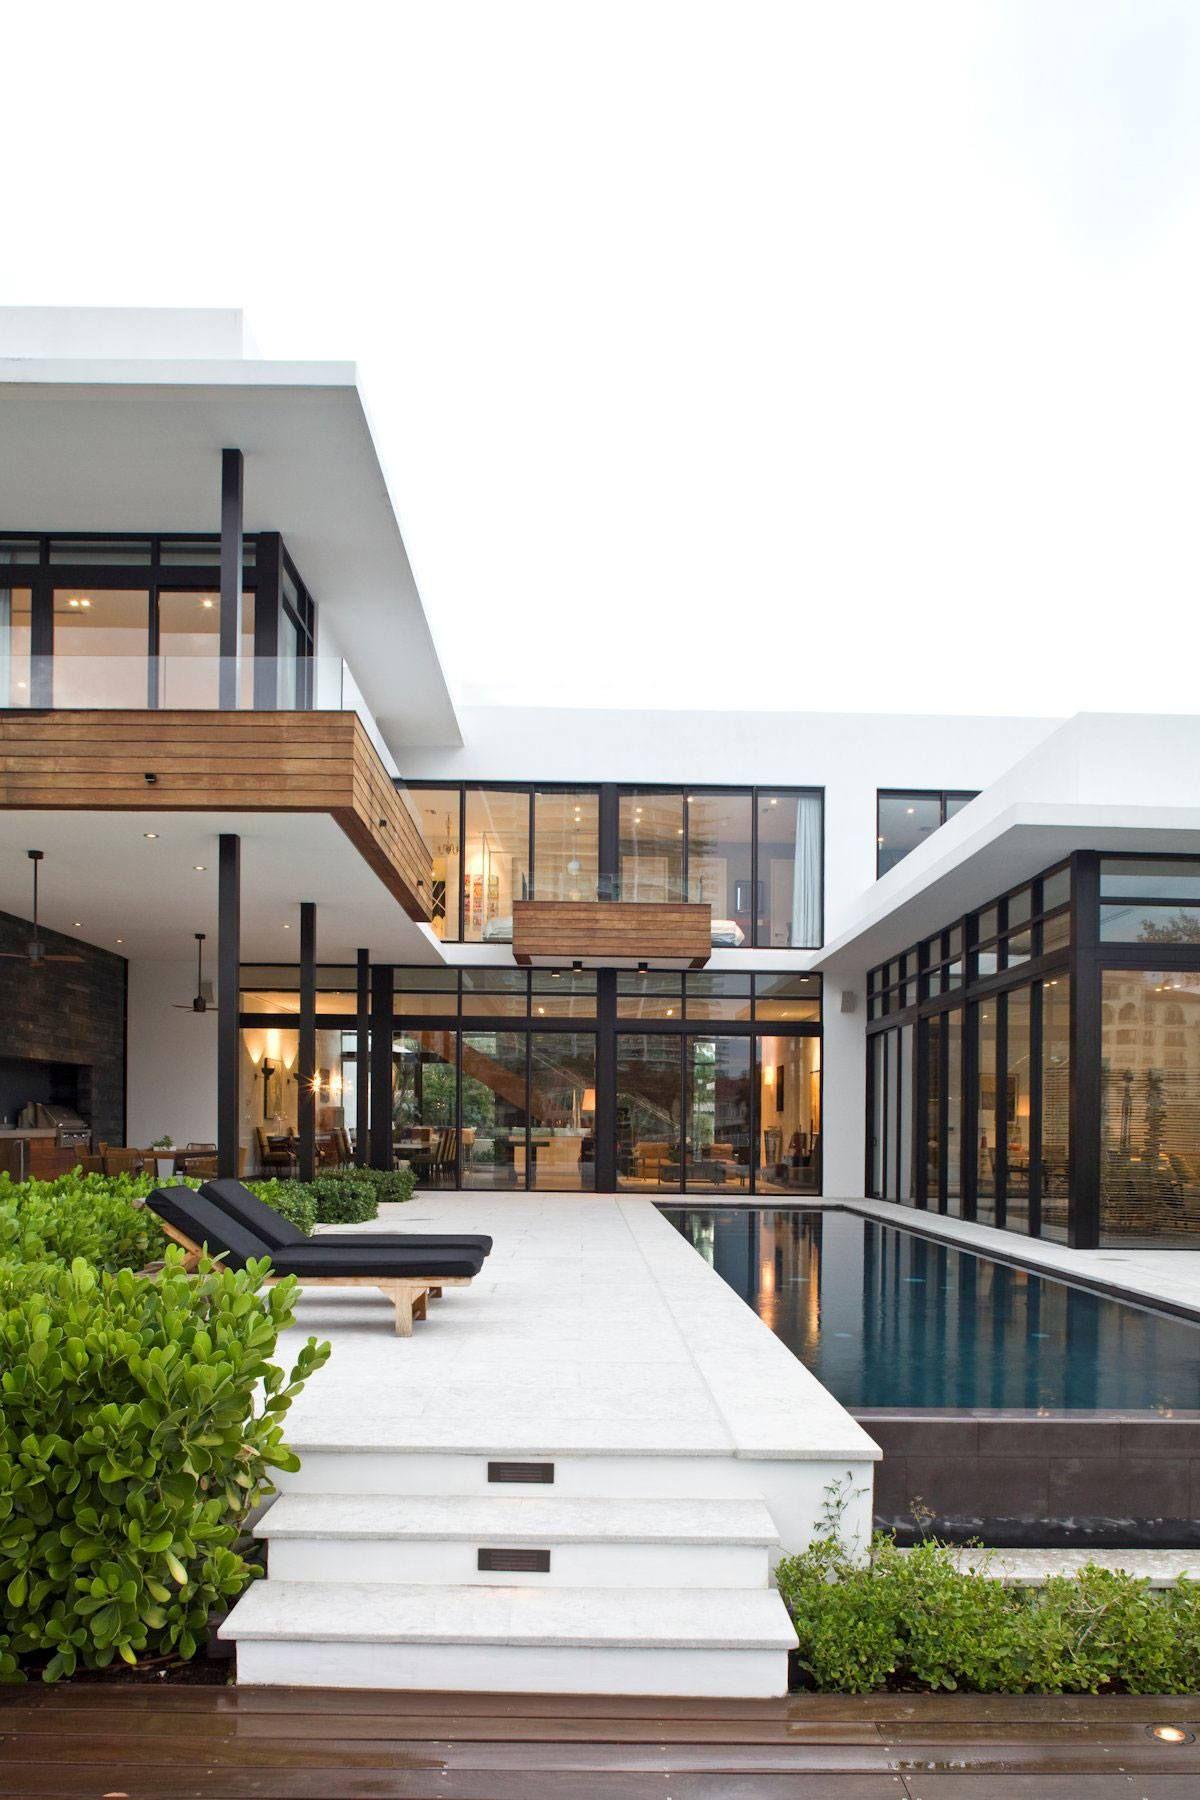 House Design Modern Home Design Home Dream Home - Dream home design